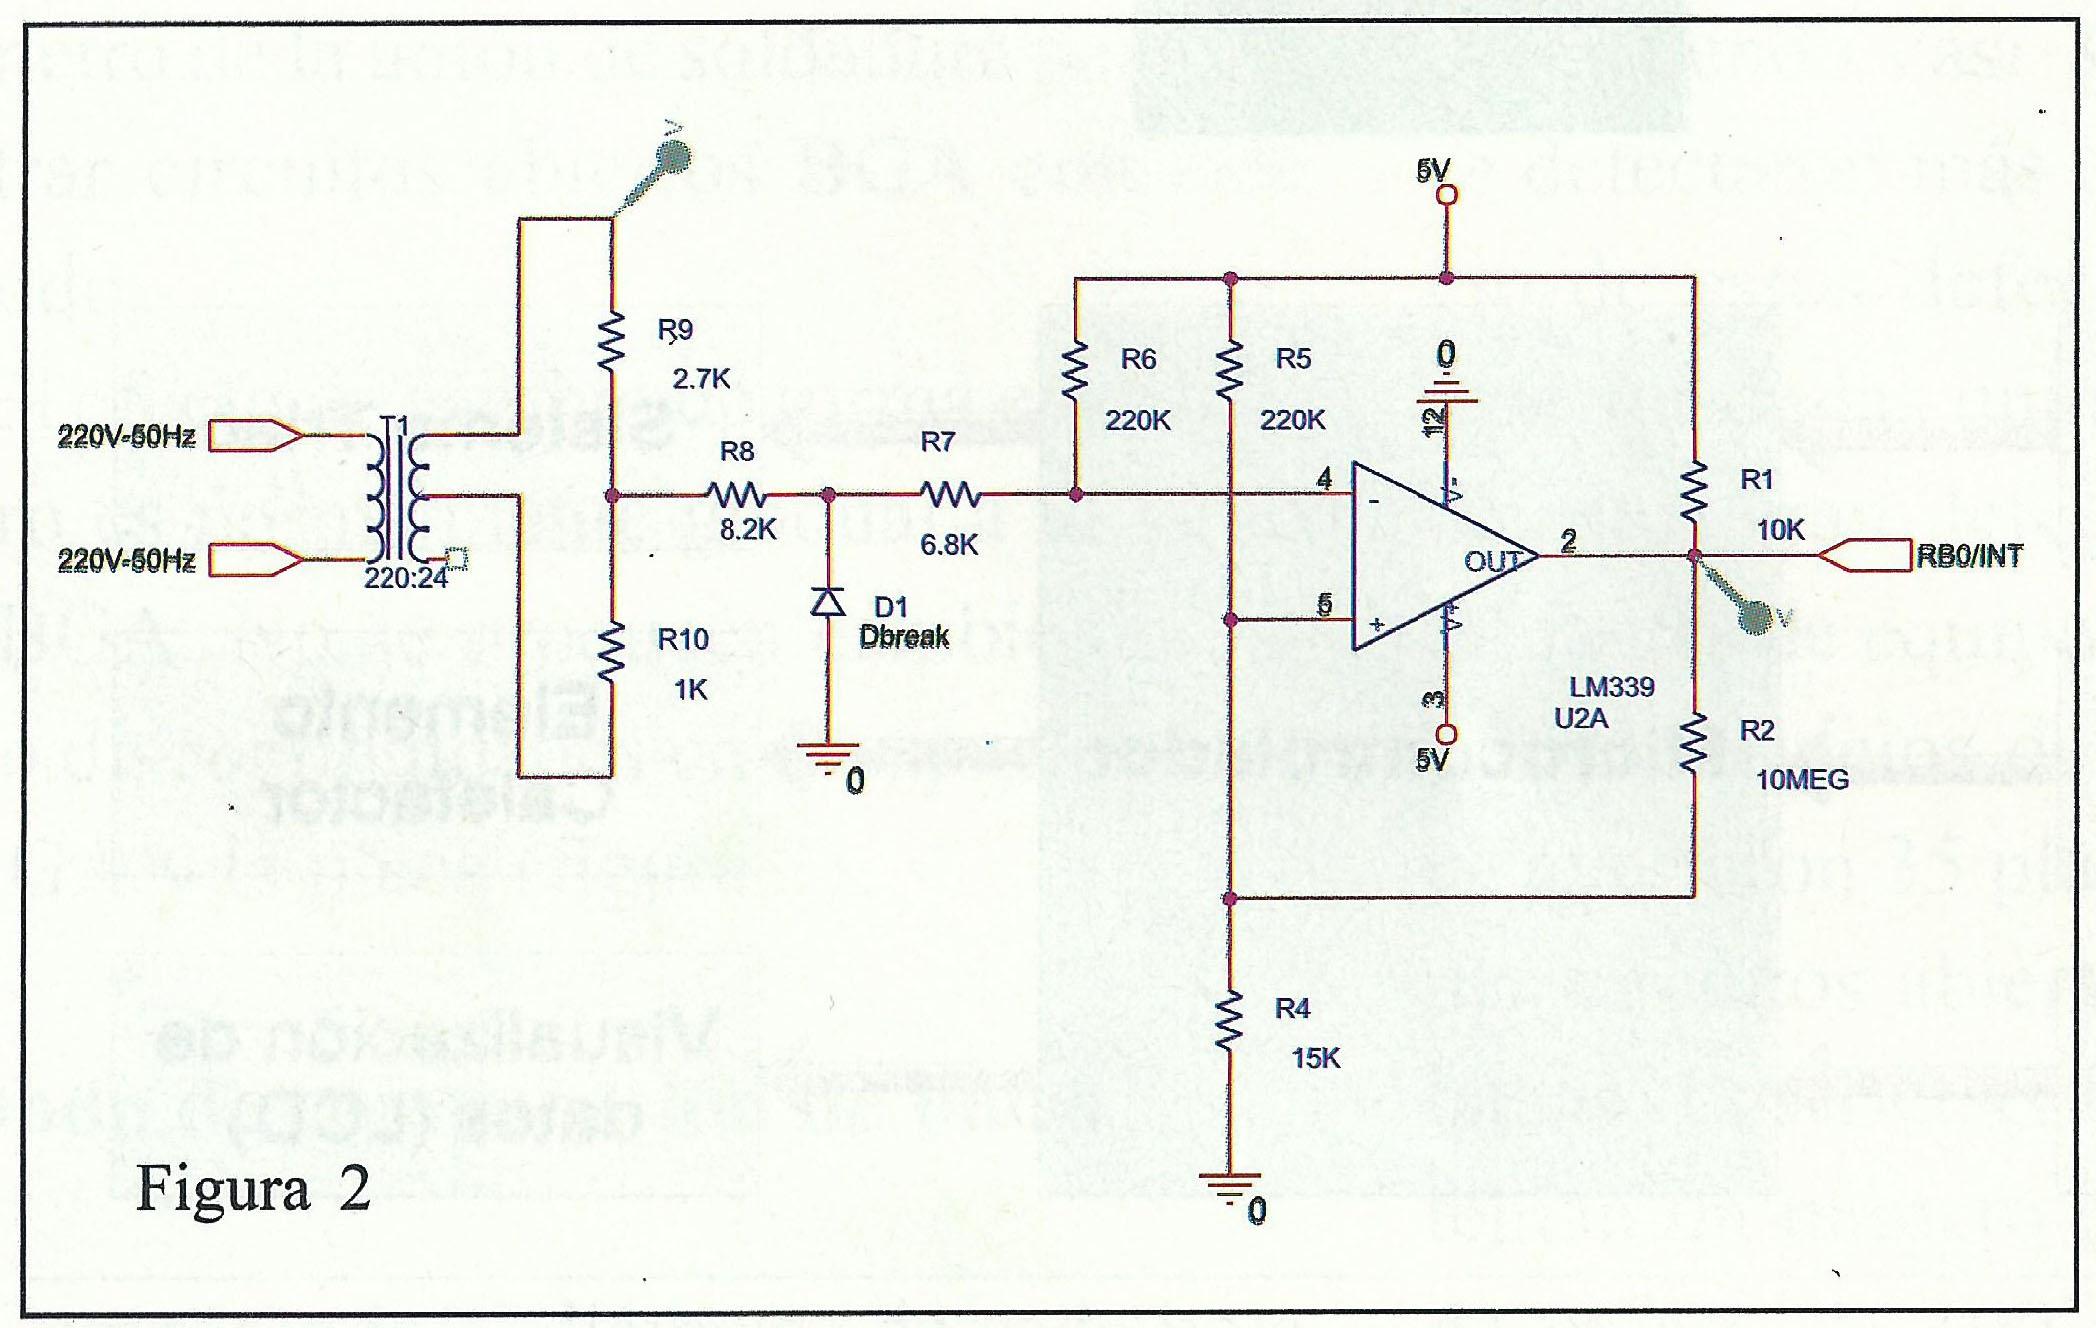 Circuito Optoacoplador : Montaje regulador pid para control de temperatura con entrega